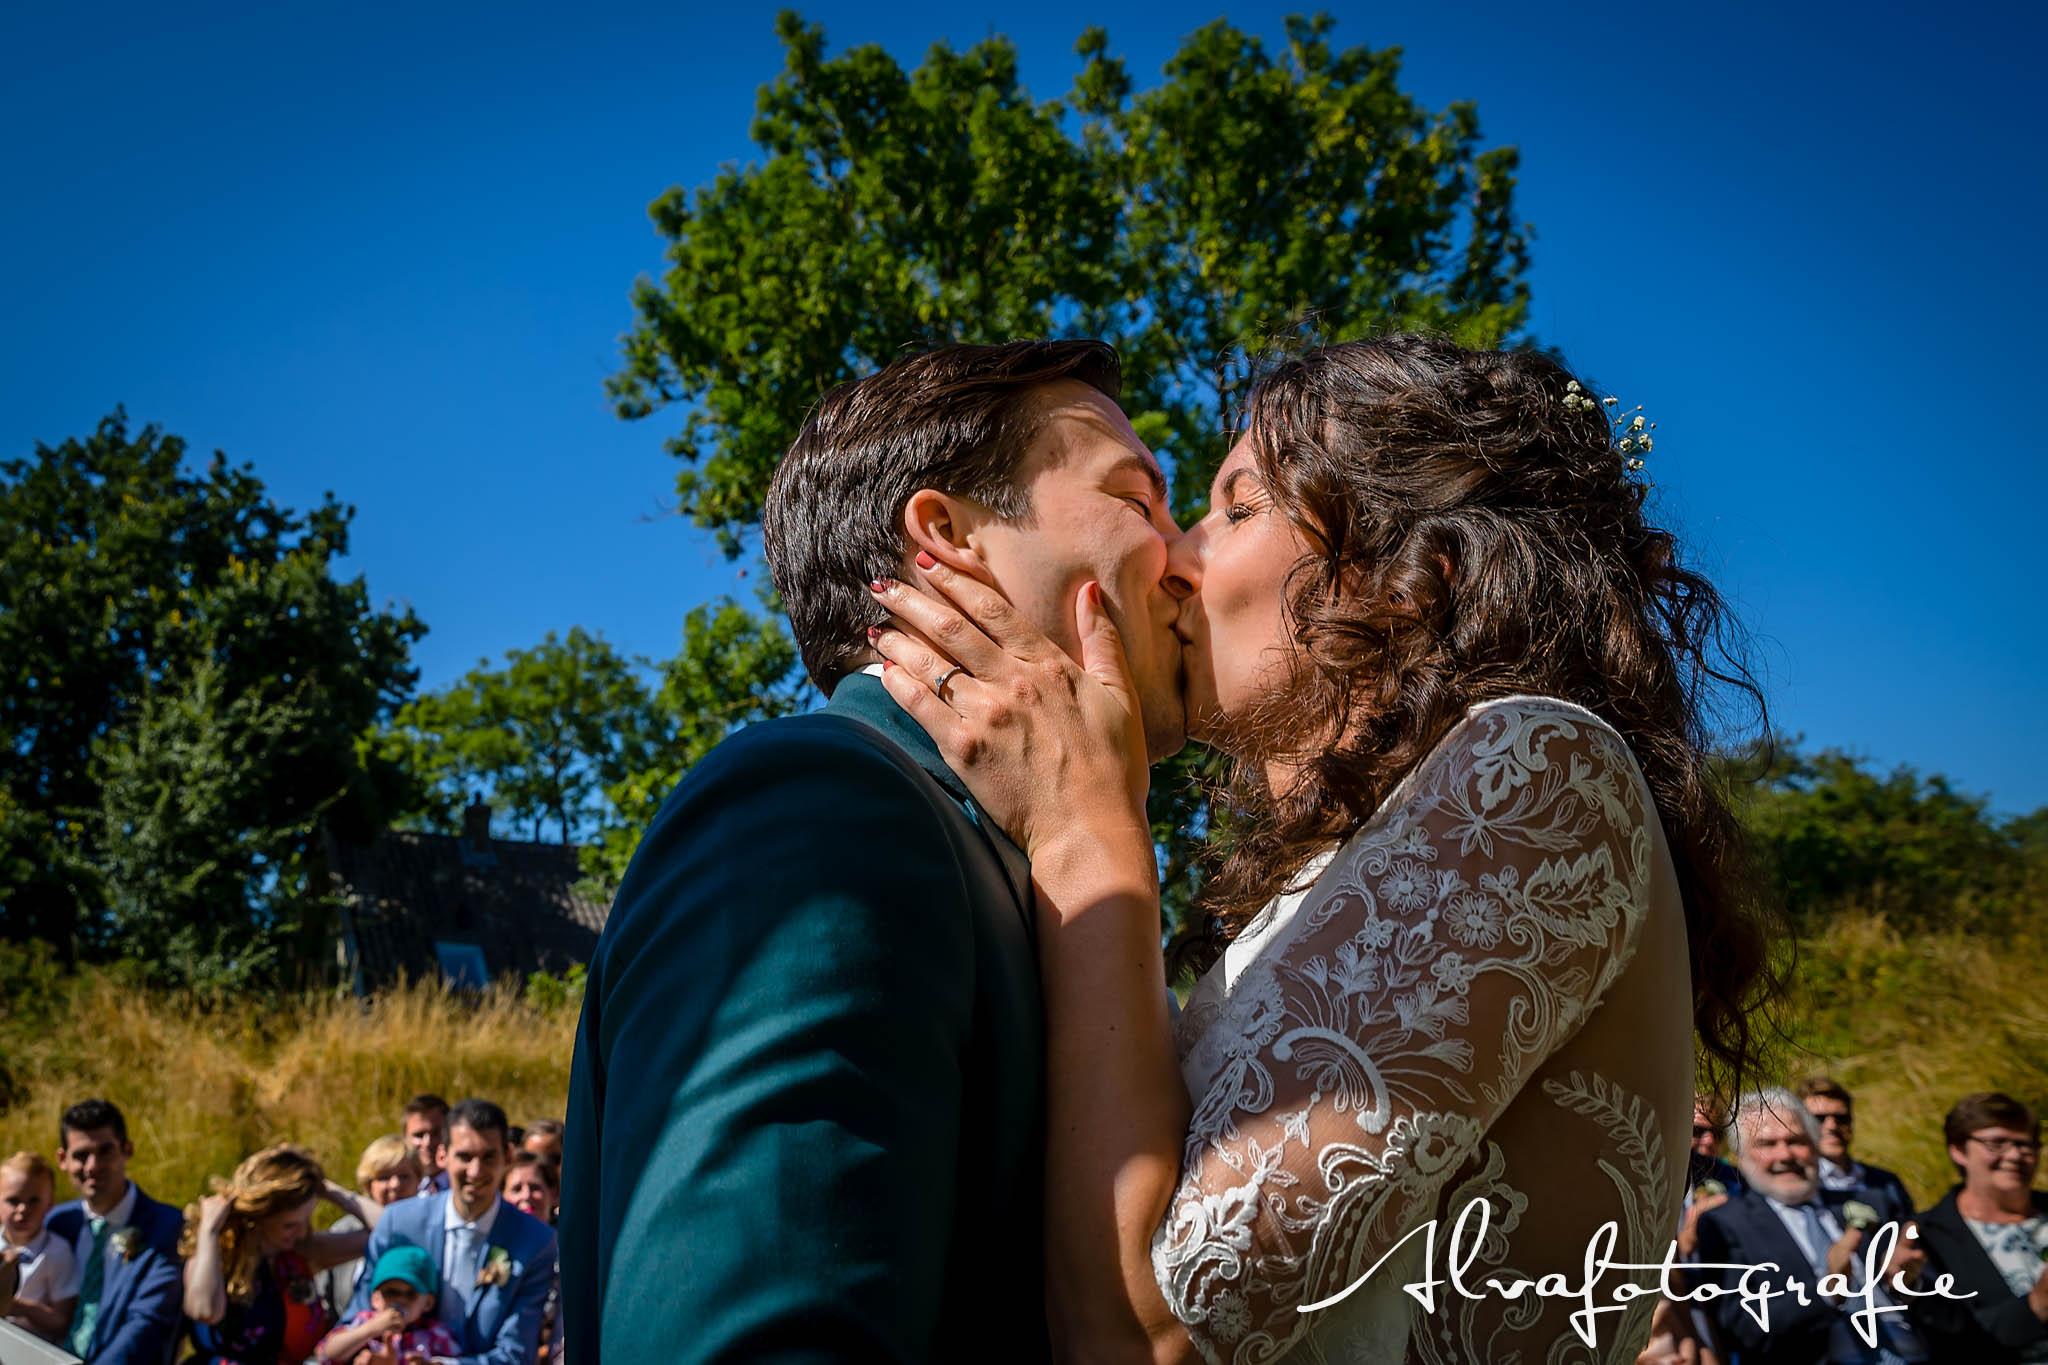 Bruiloft Maren en Tim Alvafotografie bruidspaar zoent